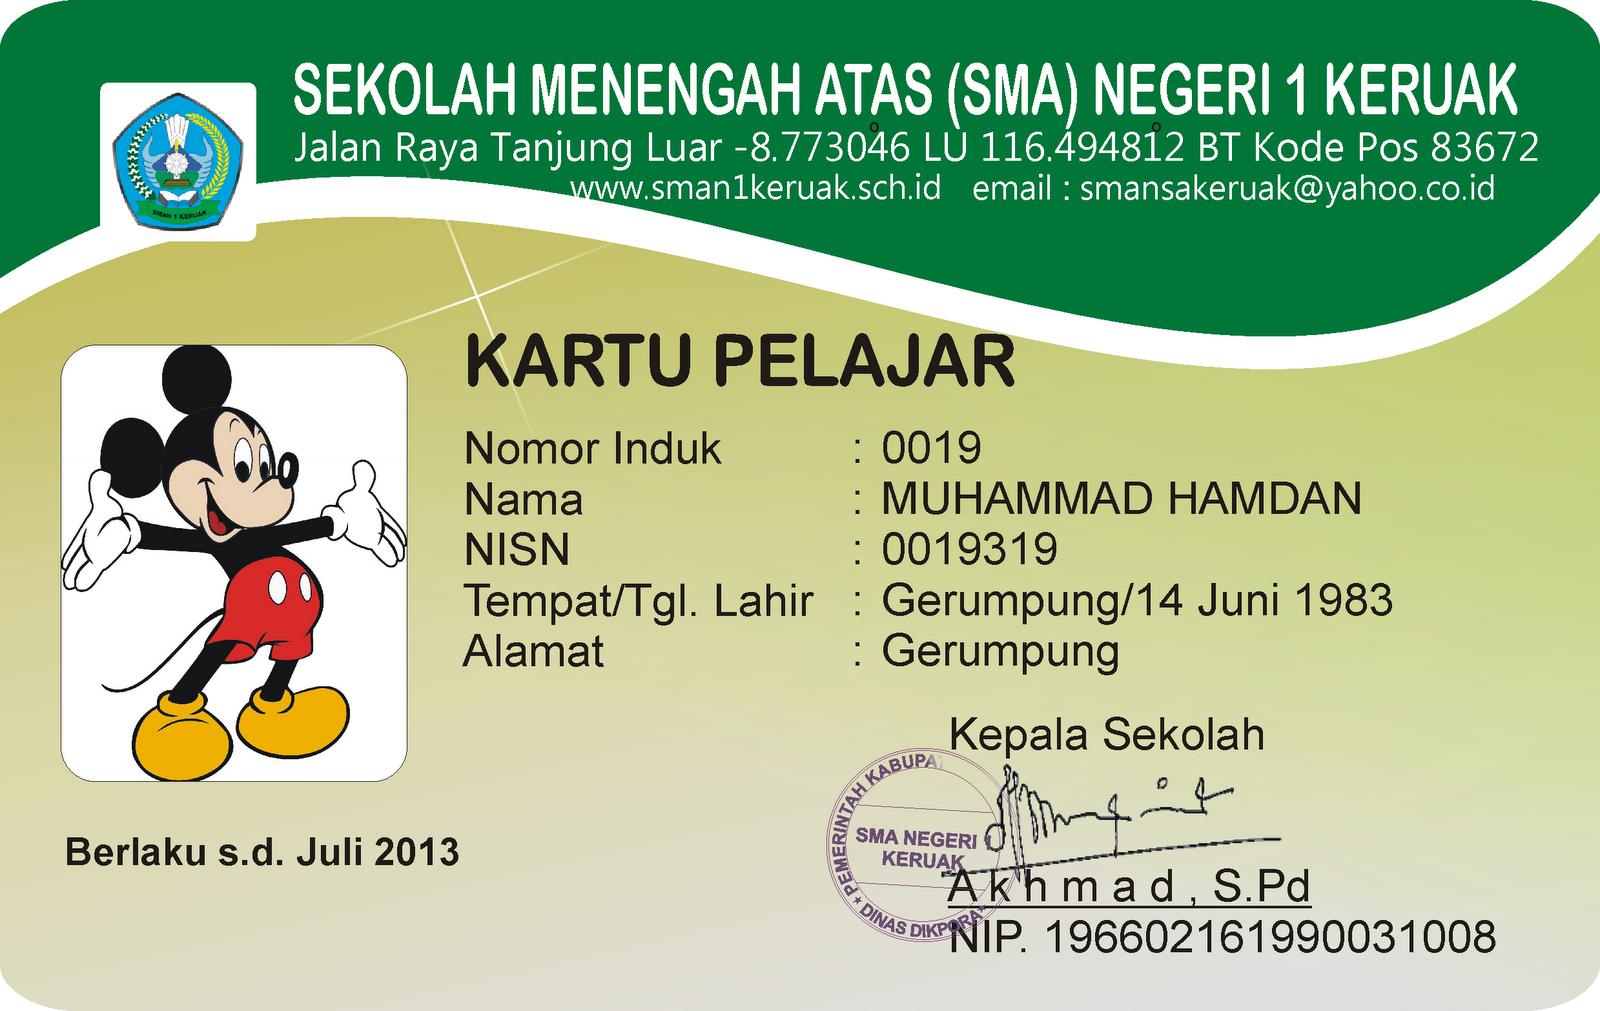 Contoh Judul Skripsi Akuntansi Terbaru 2012 - Ndang Kerjo